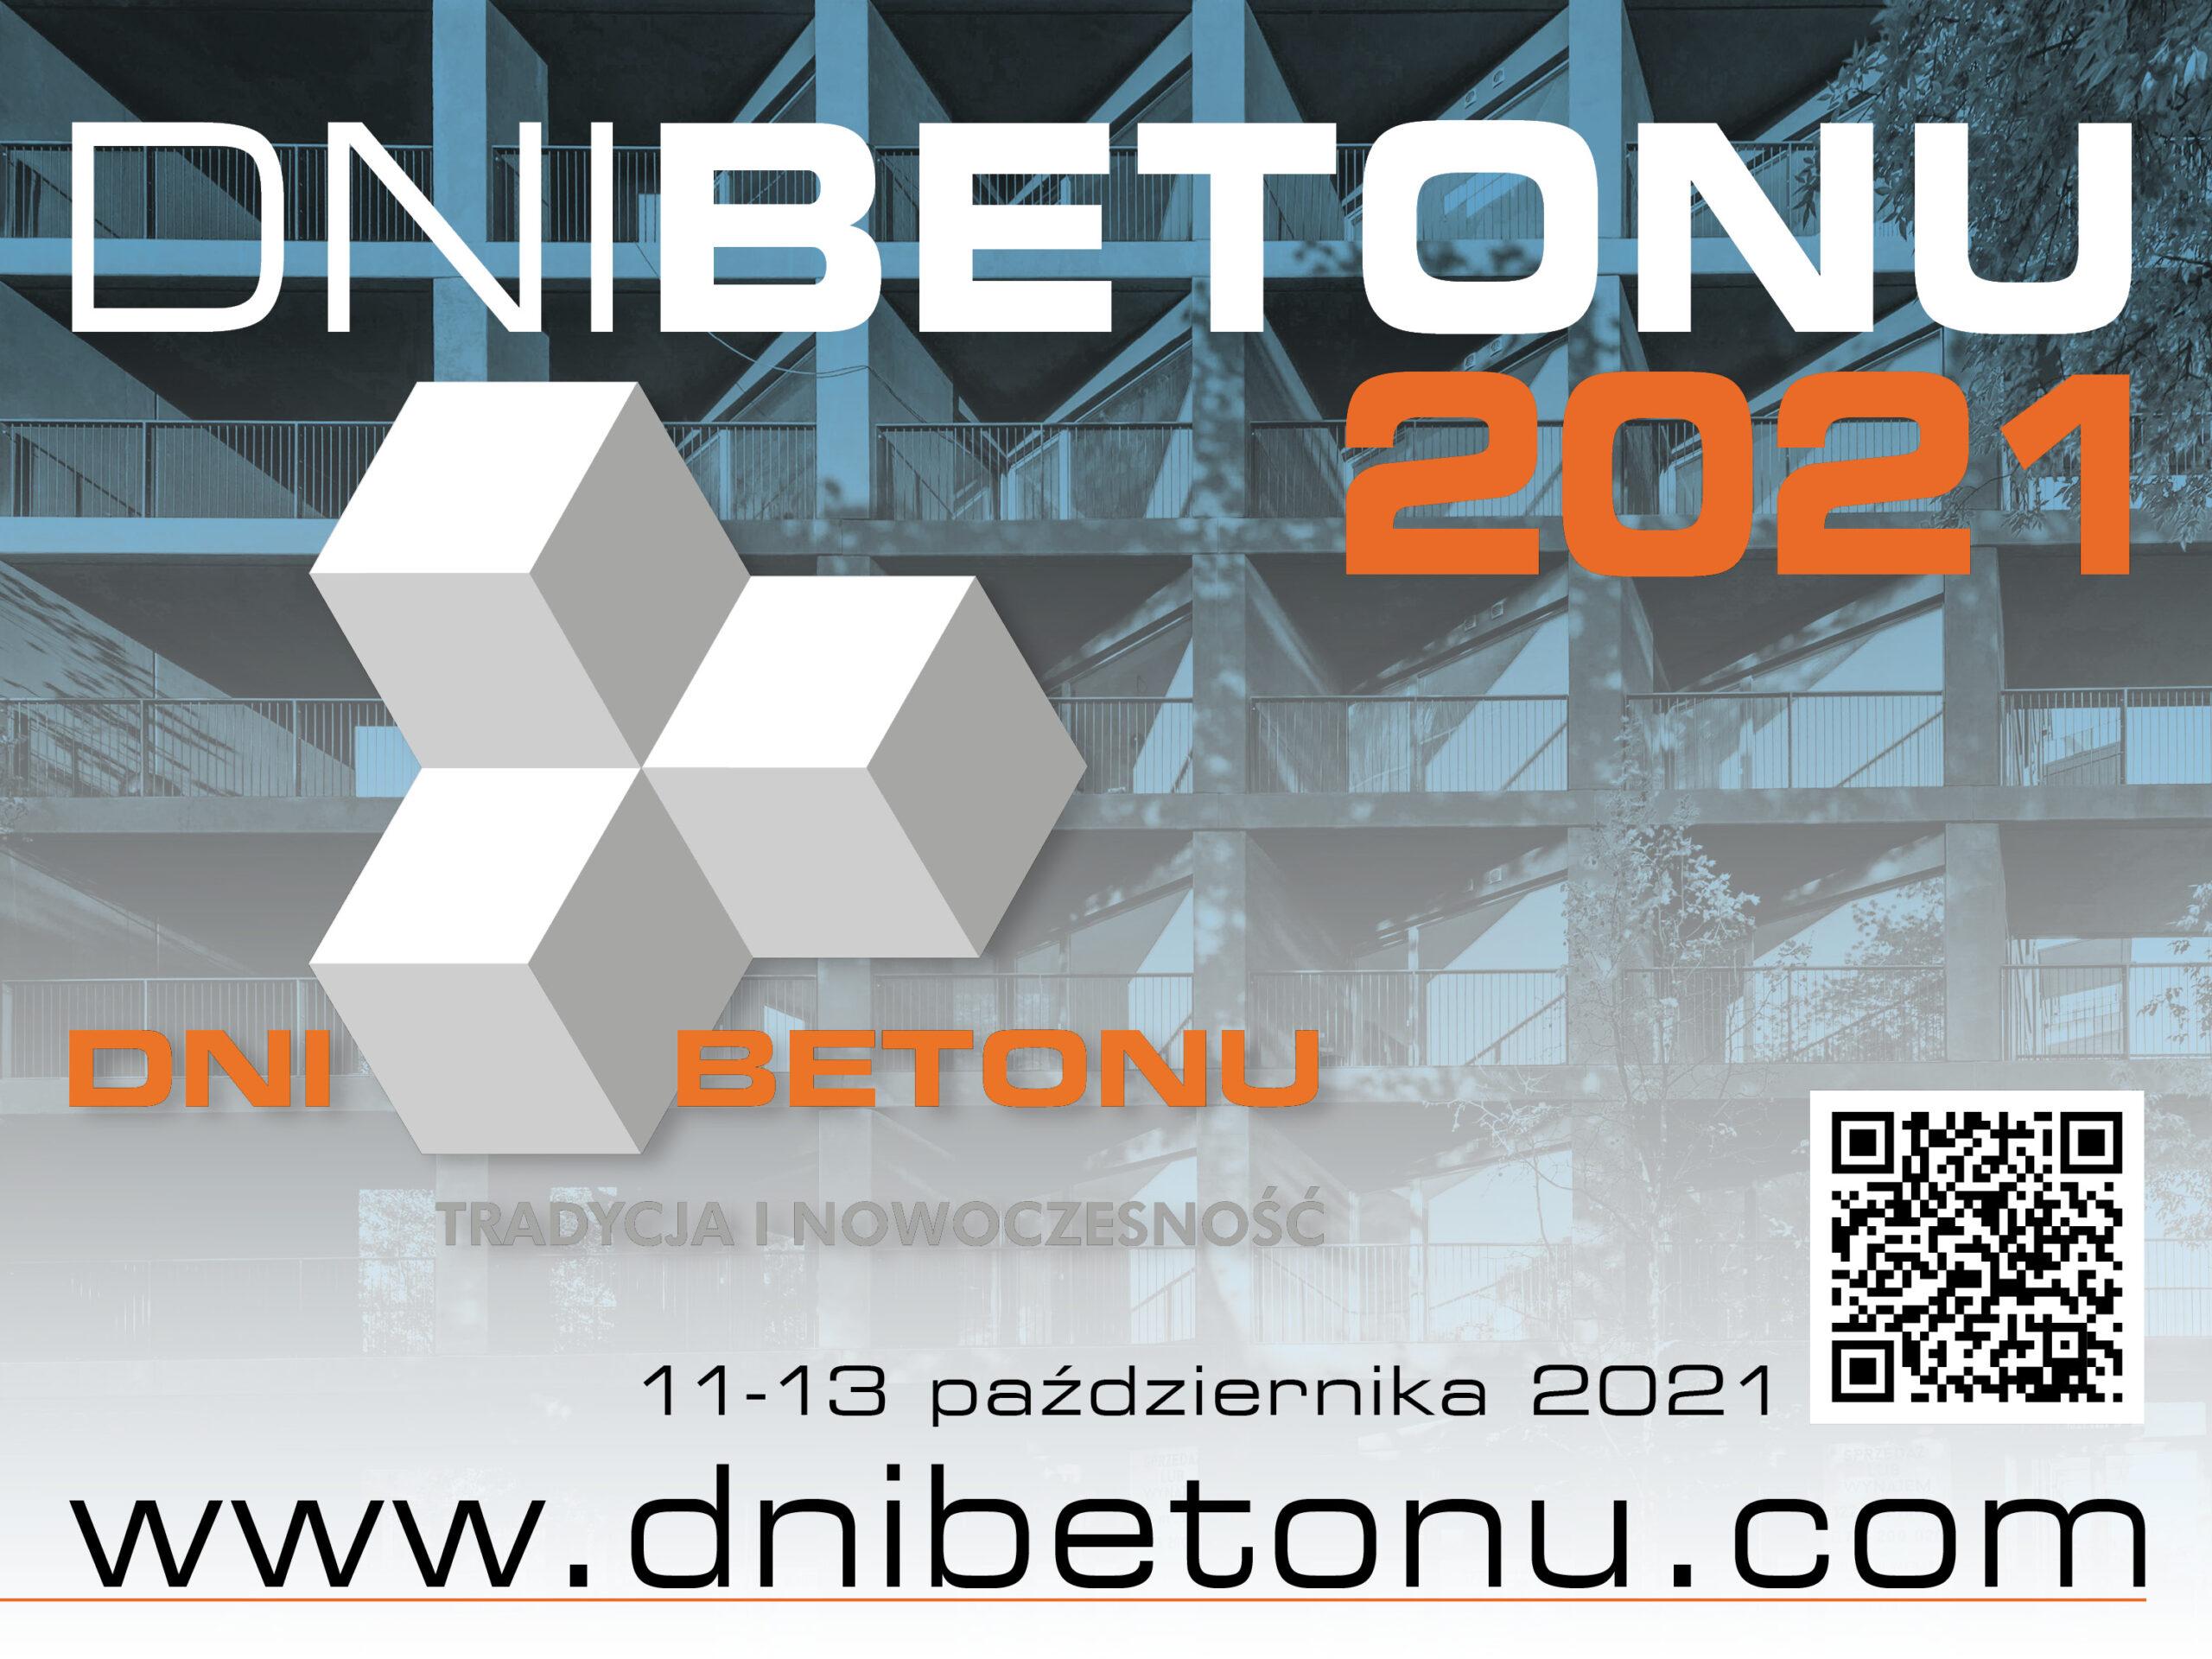 Biegiem… na XI konferencję DNI BETONU 2021